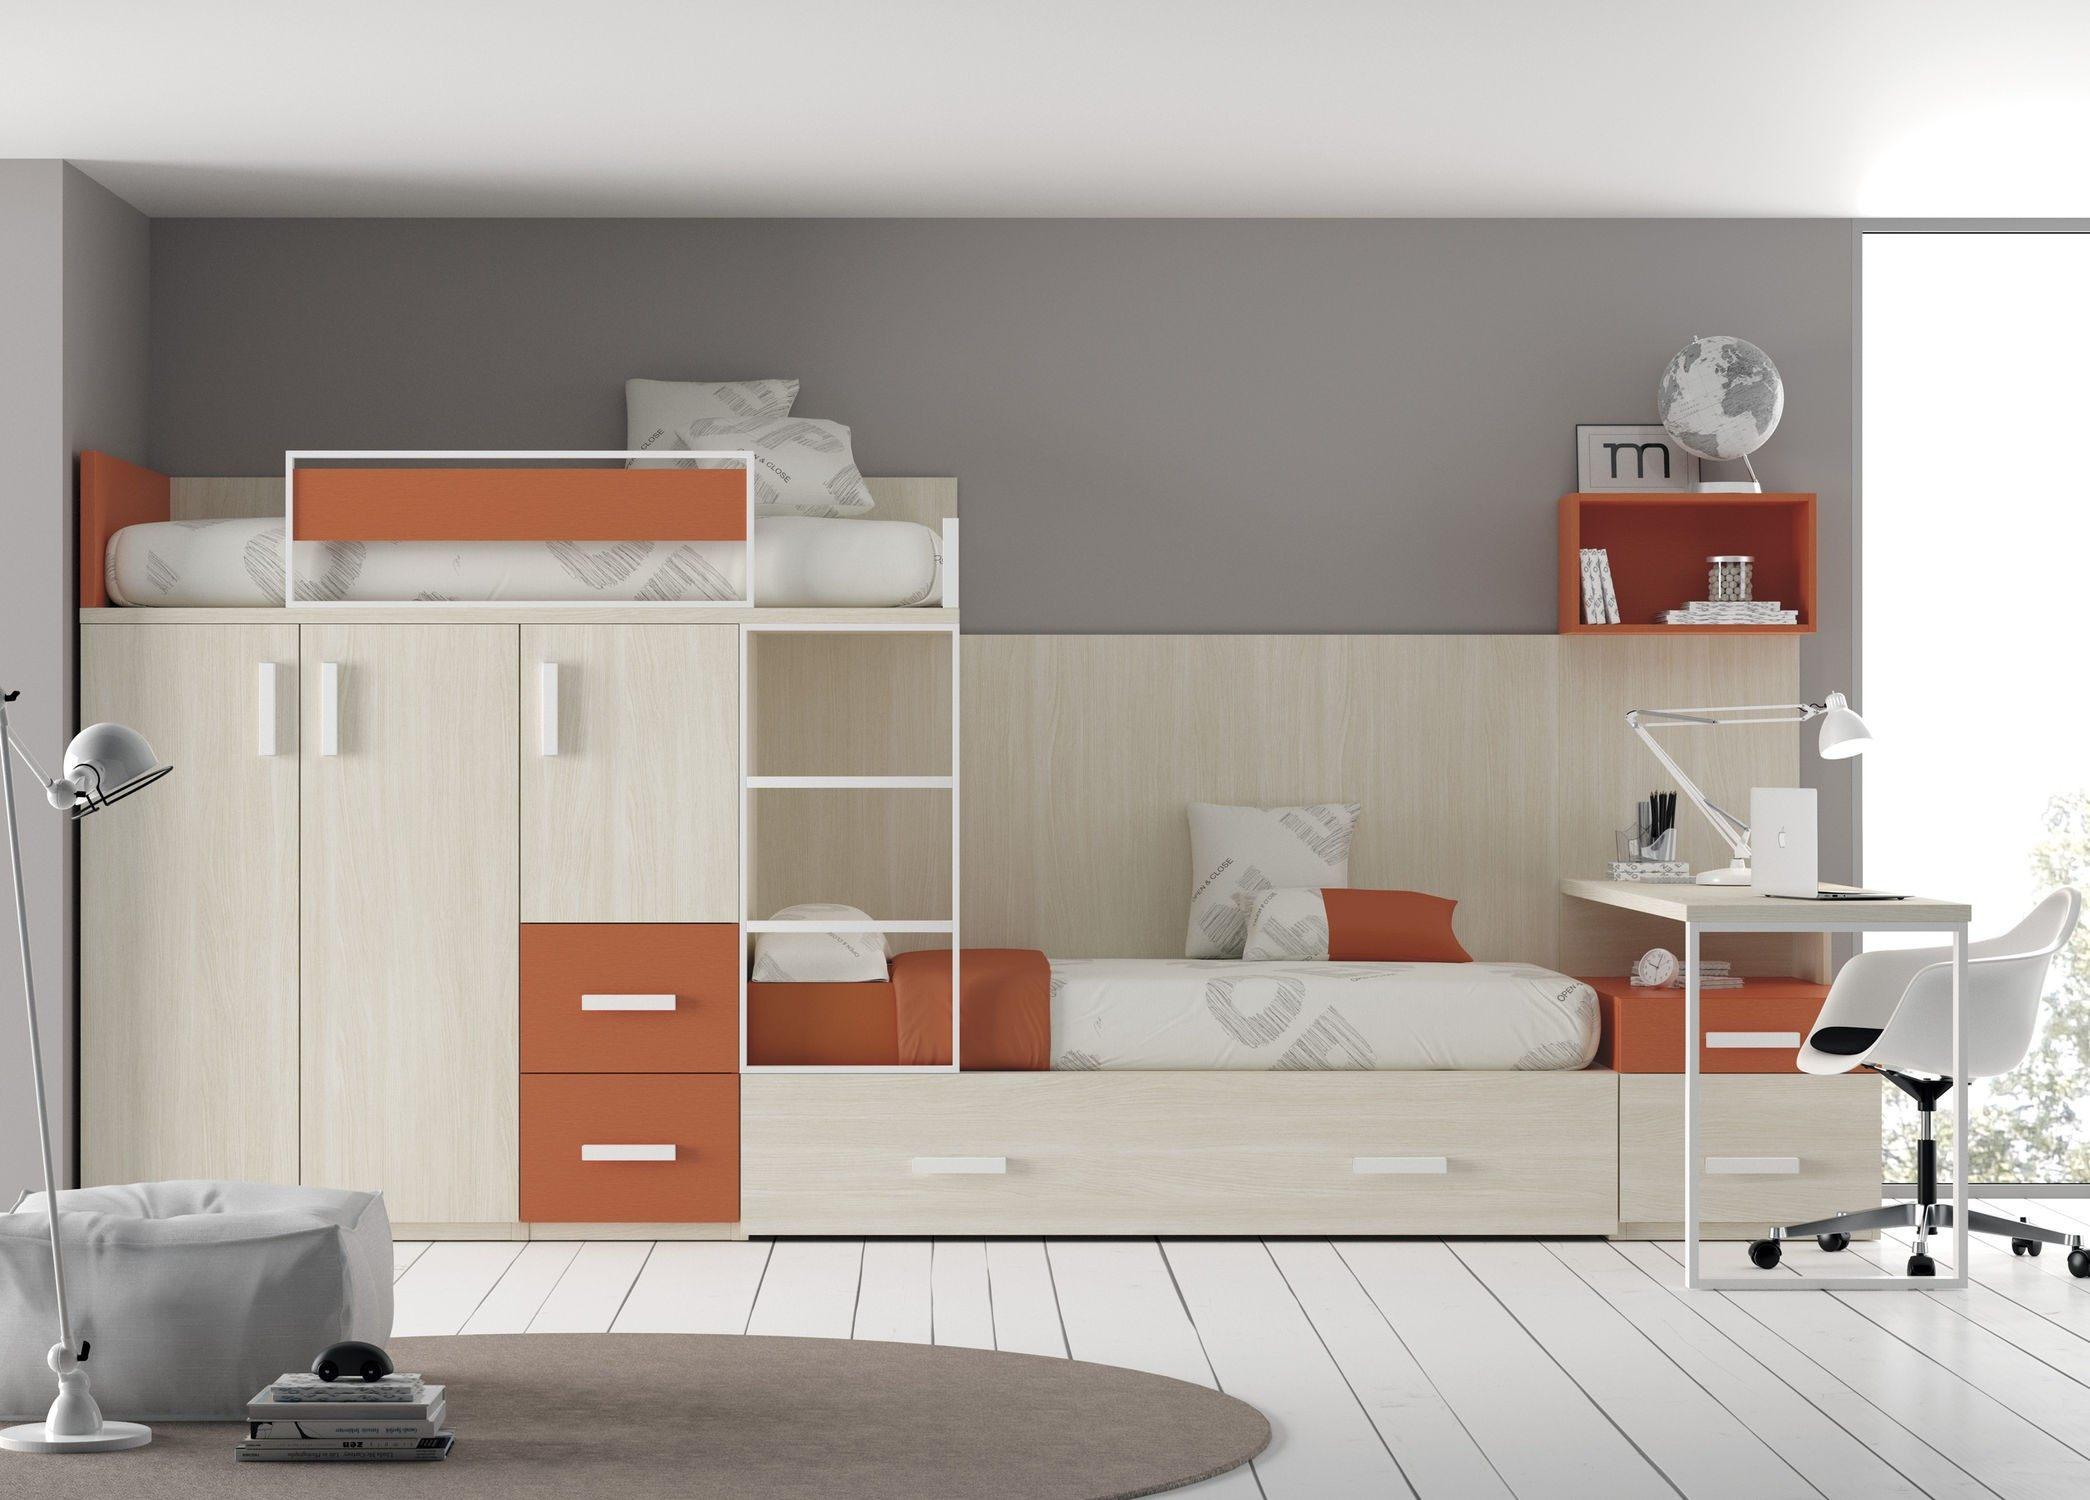 Lit Superposé Gris Fraîche Captivant Canapé Lit Moderne Dans Lit Biné Armoire Fresh Lit